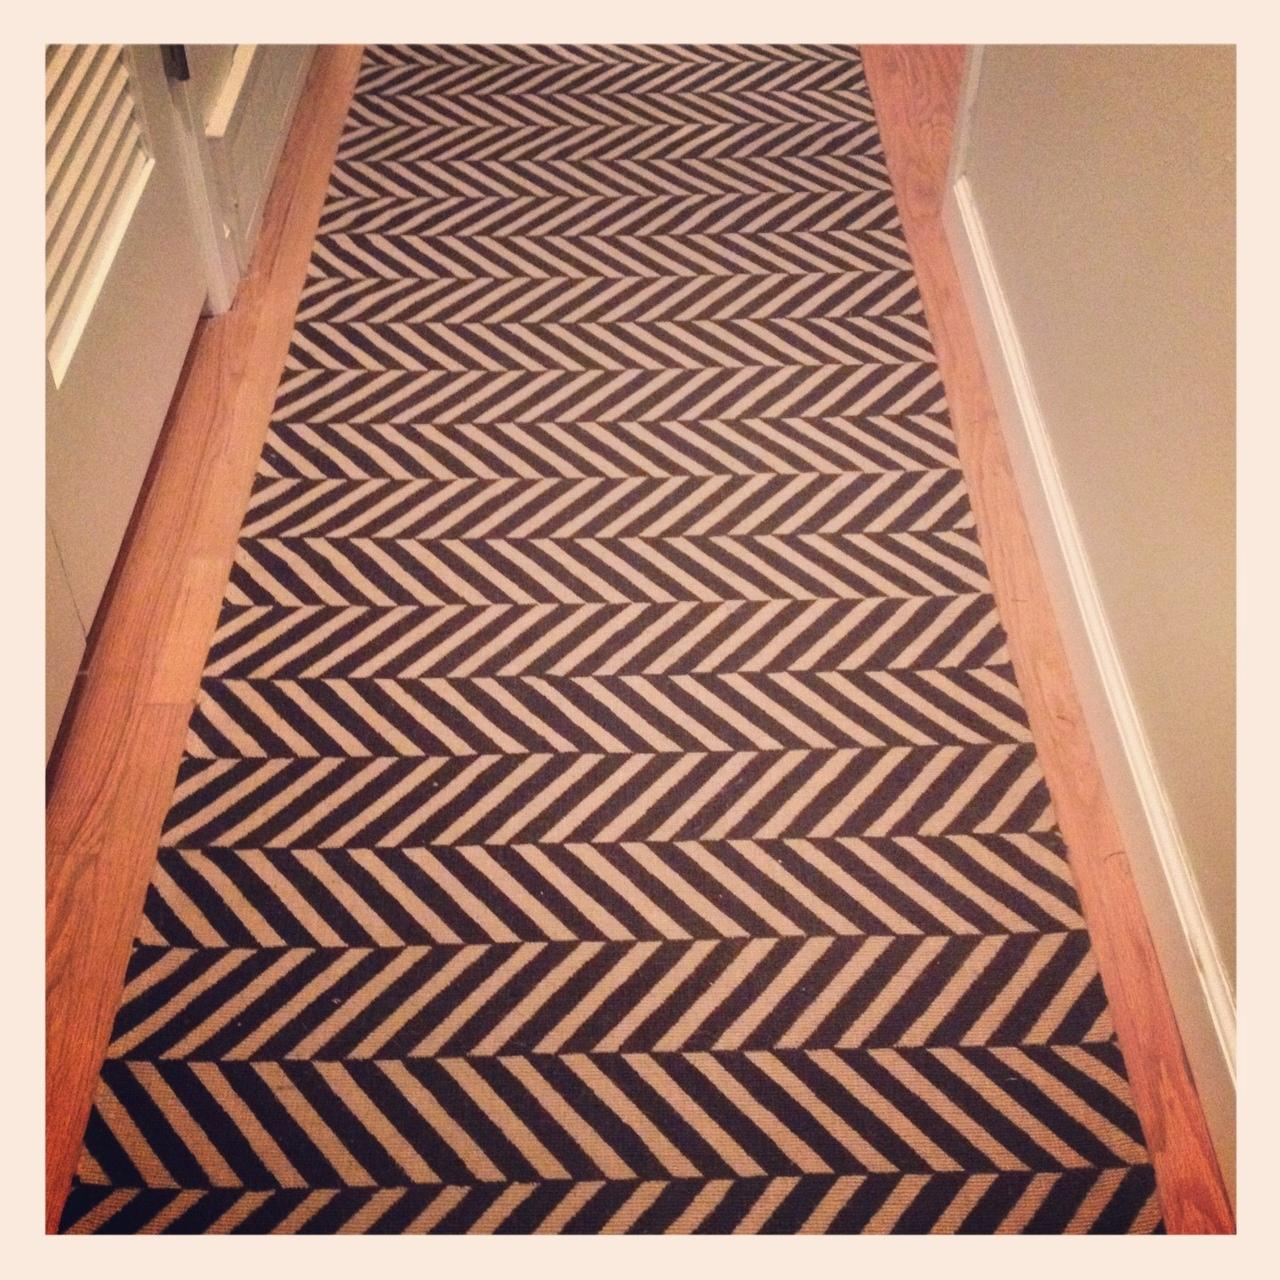 Flooring Lovely Hallway Runners For Floor Decor Idea Inside Runner Rugs For Long Hallway (#10 of 20)